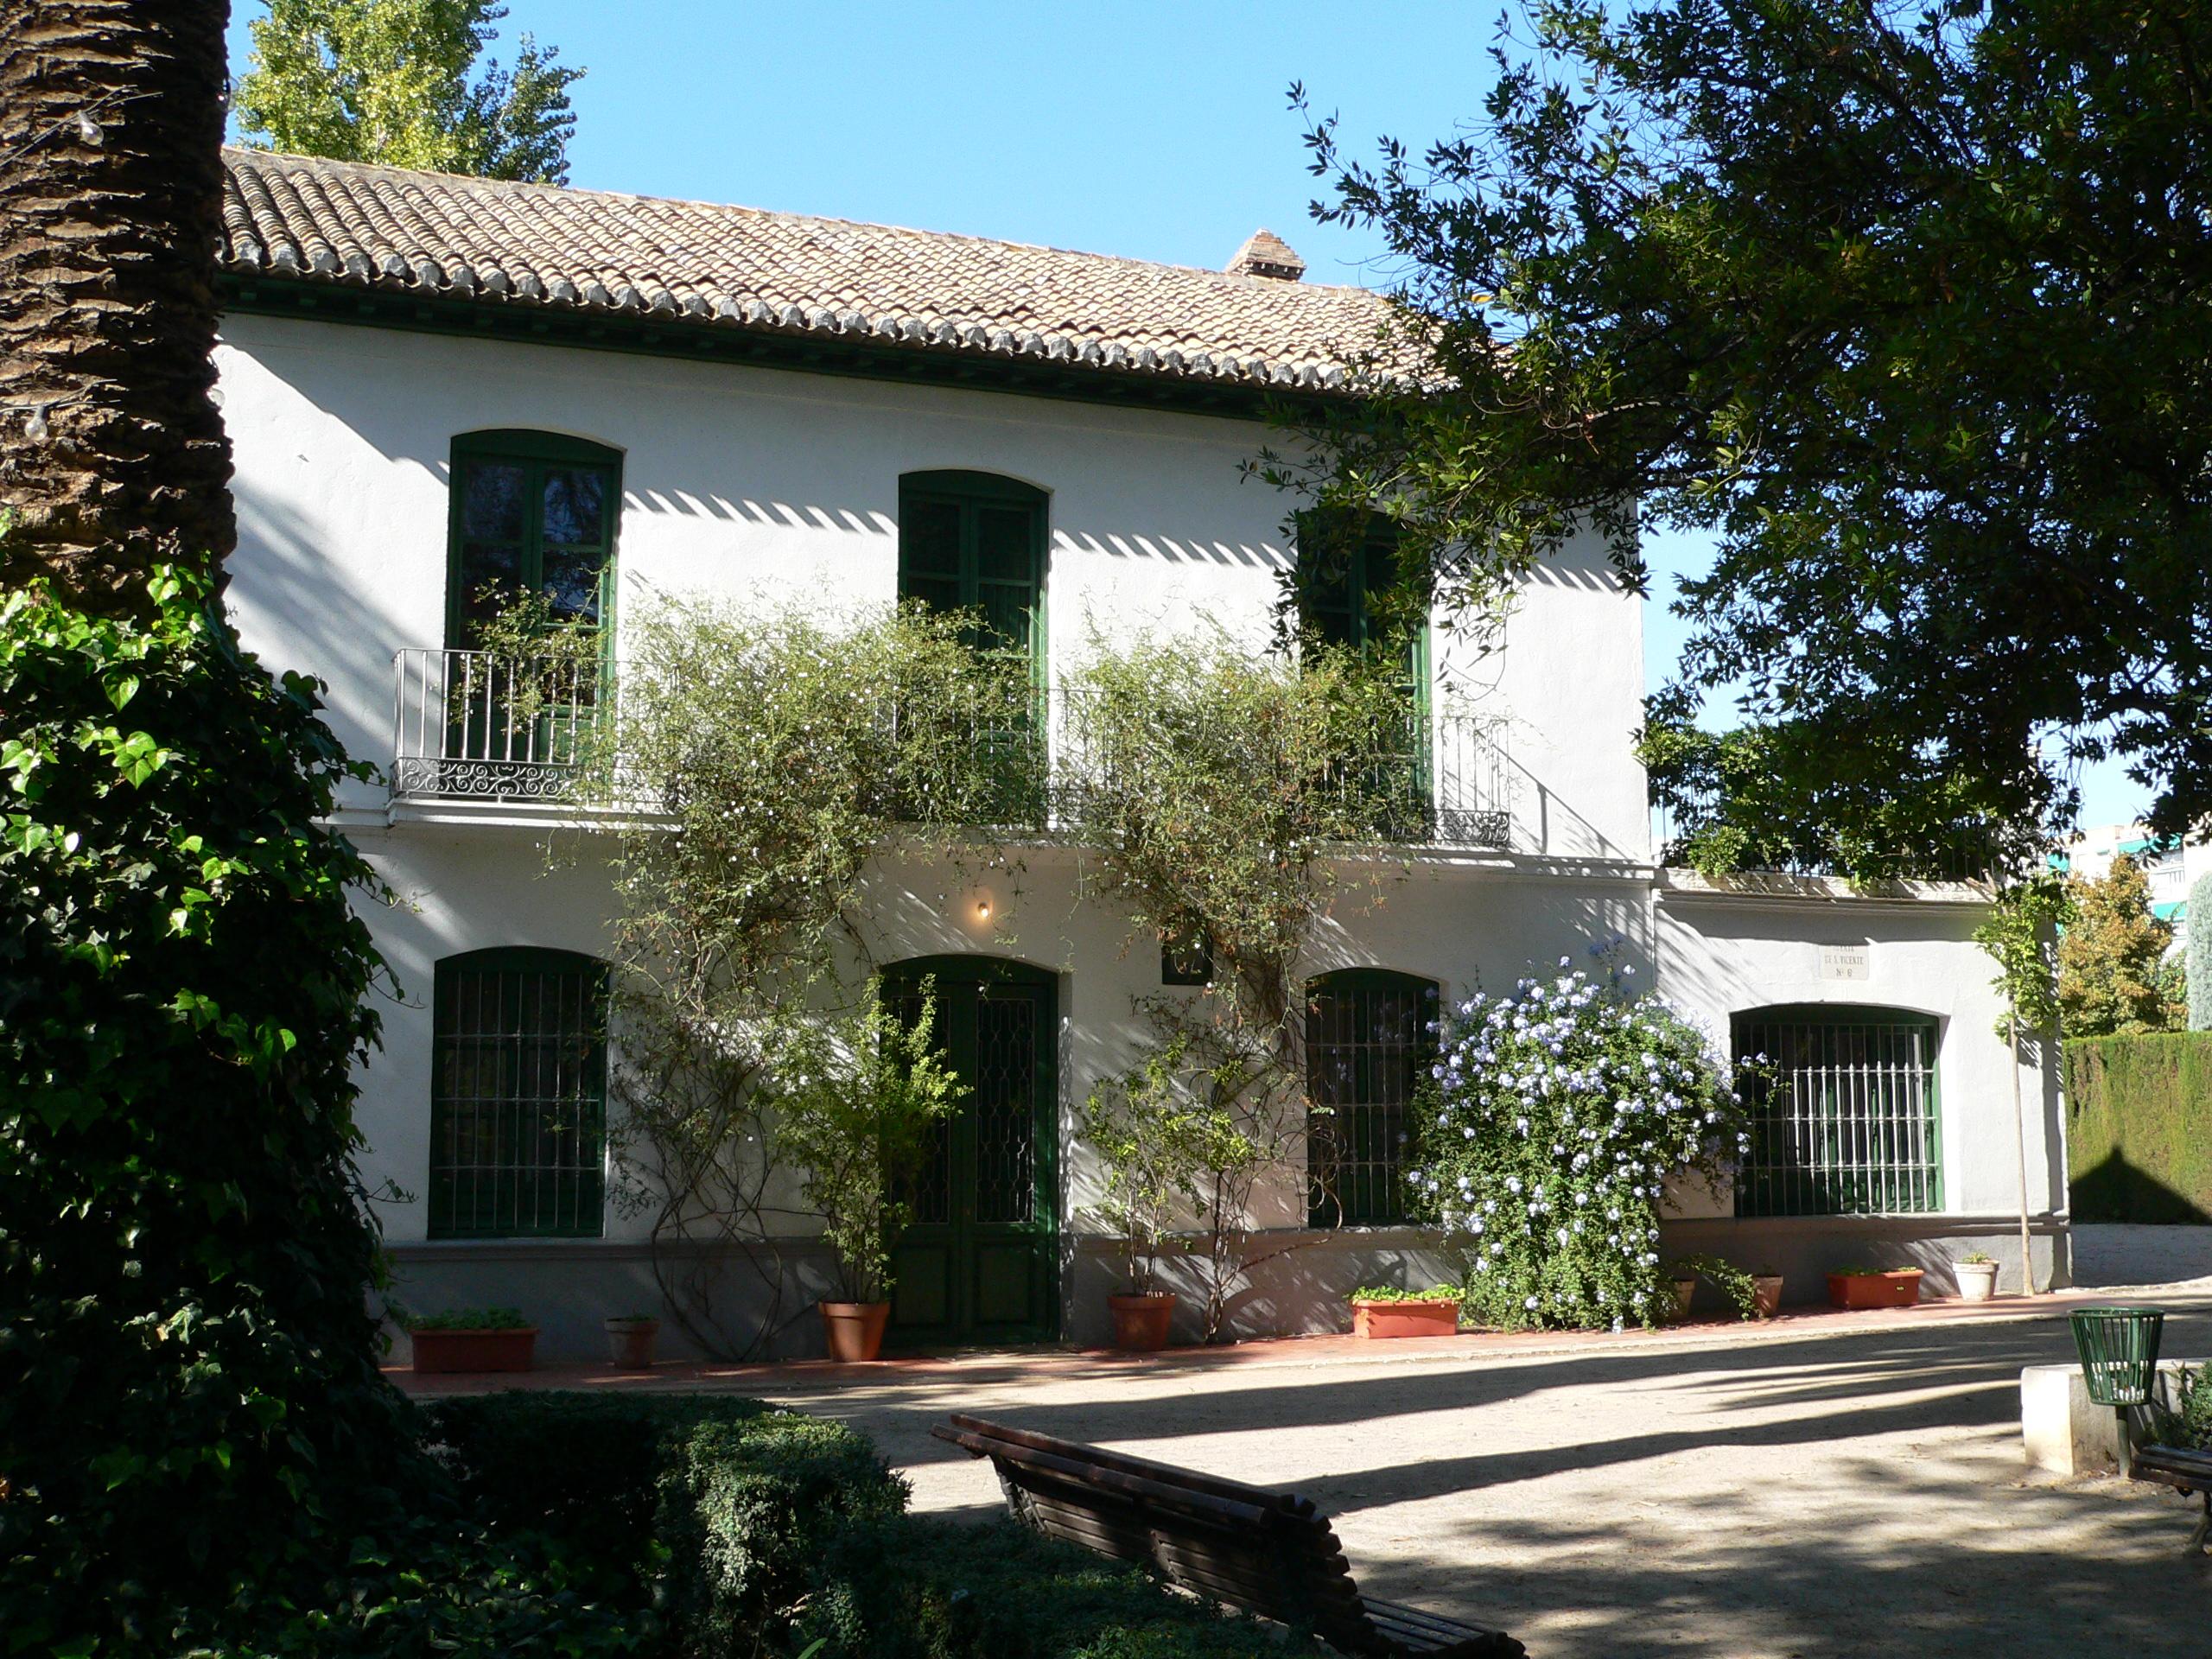 Huerta de San Vicente, casa de verano de García Lorca en Granada, España, ahora un museo.